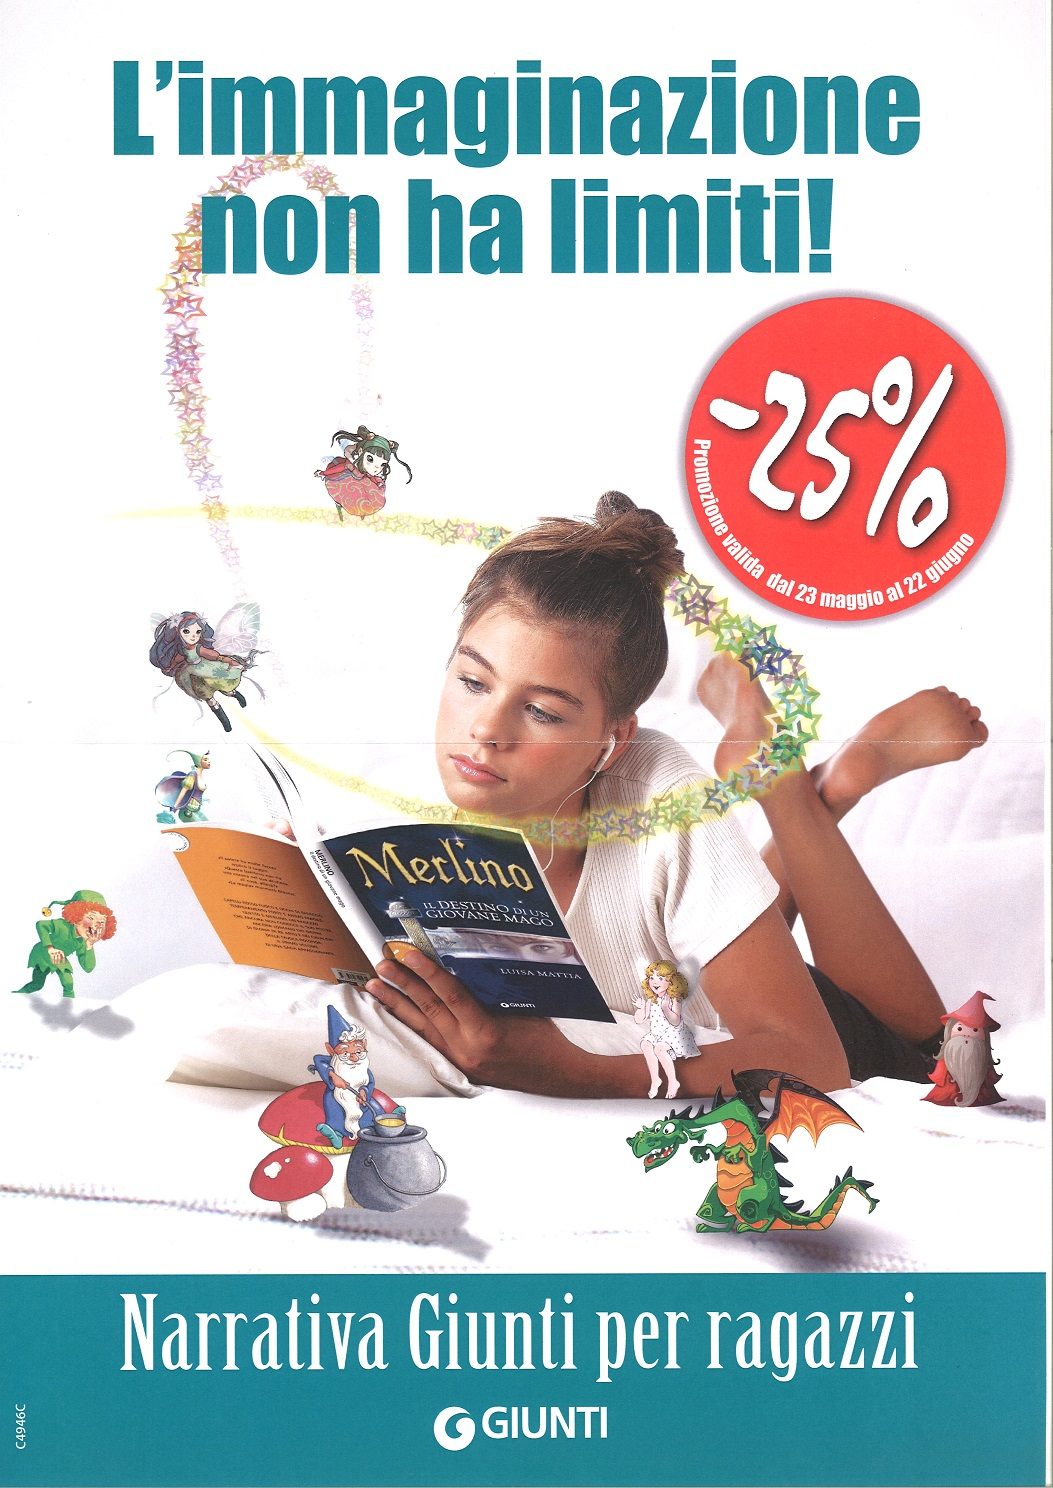 Libri per bambini archives tuttolibri for Libri in offerta